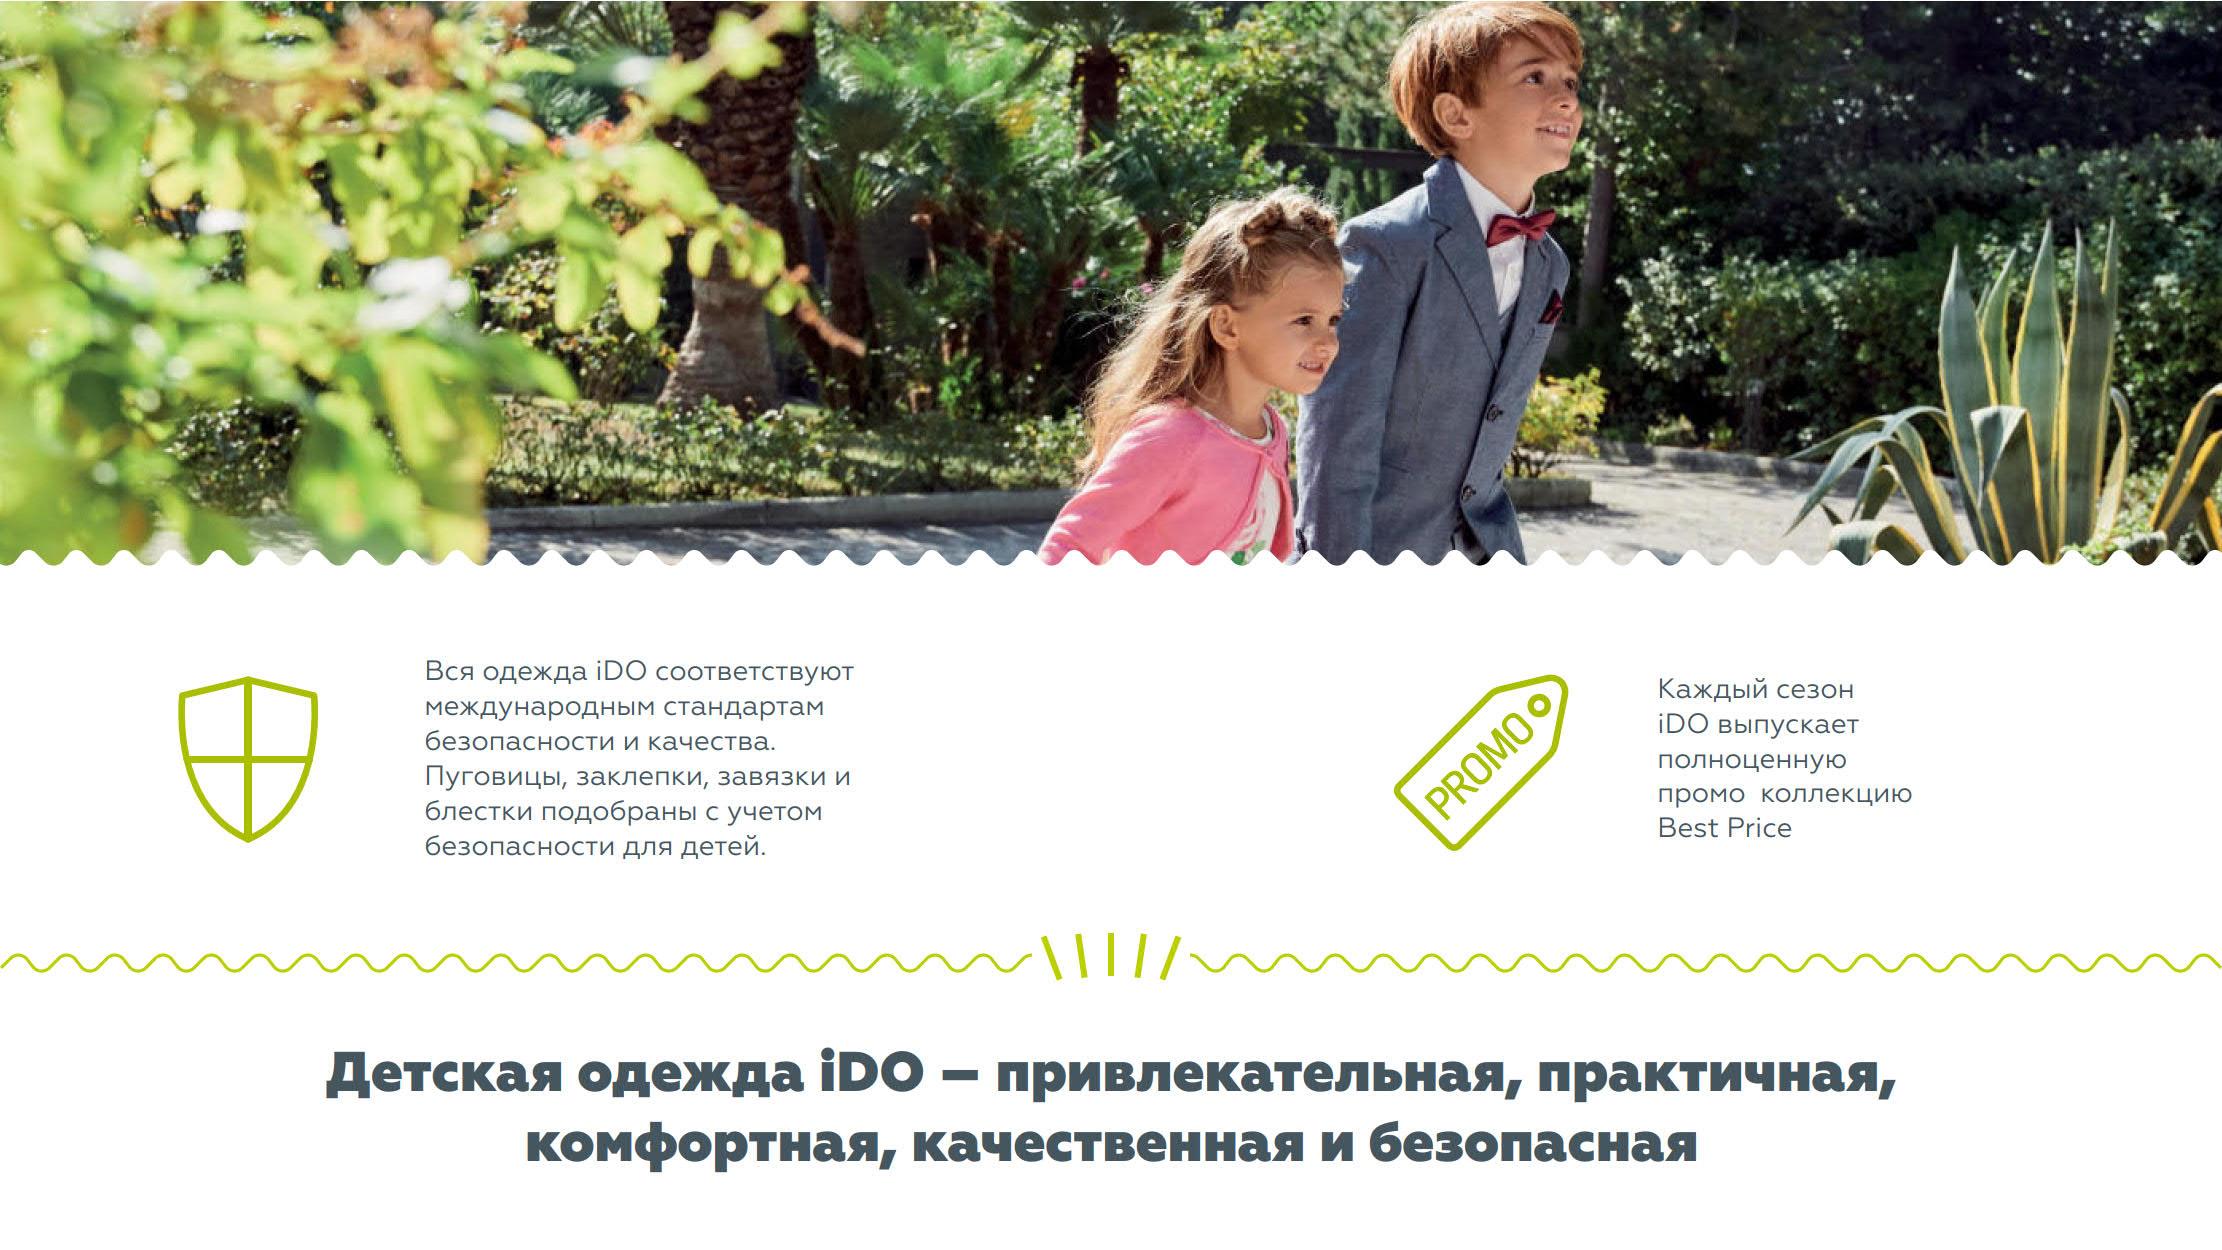 Презентация магазинов детской одежды iDO